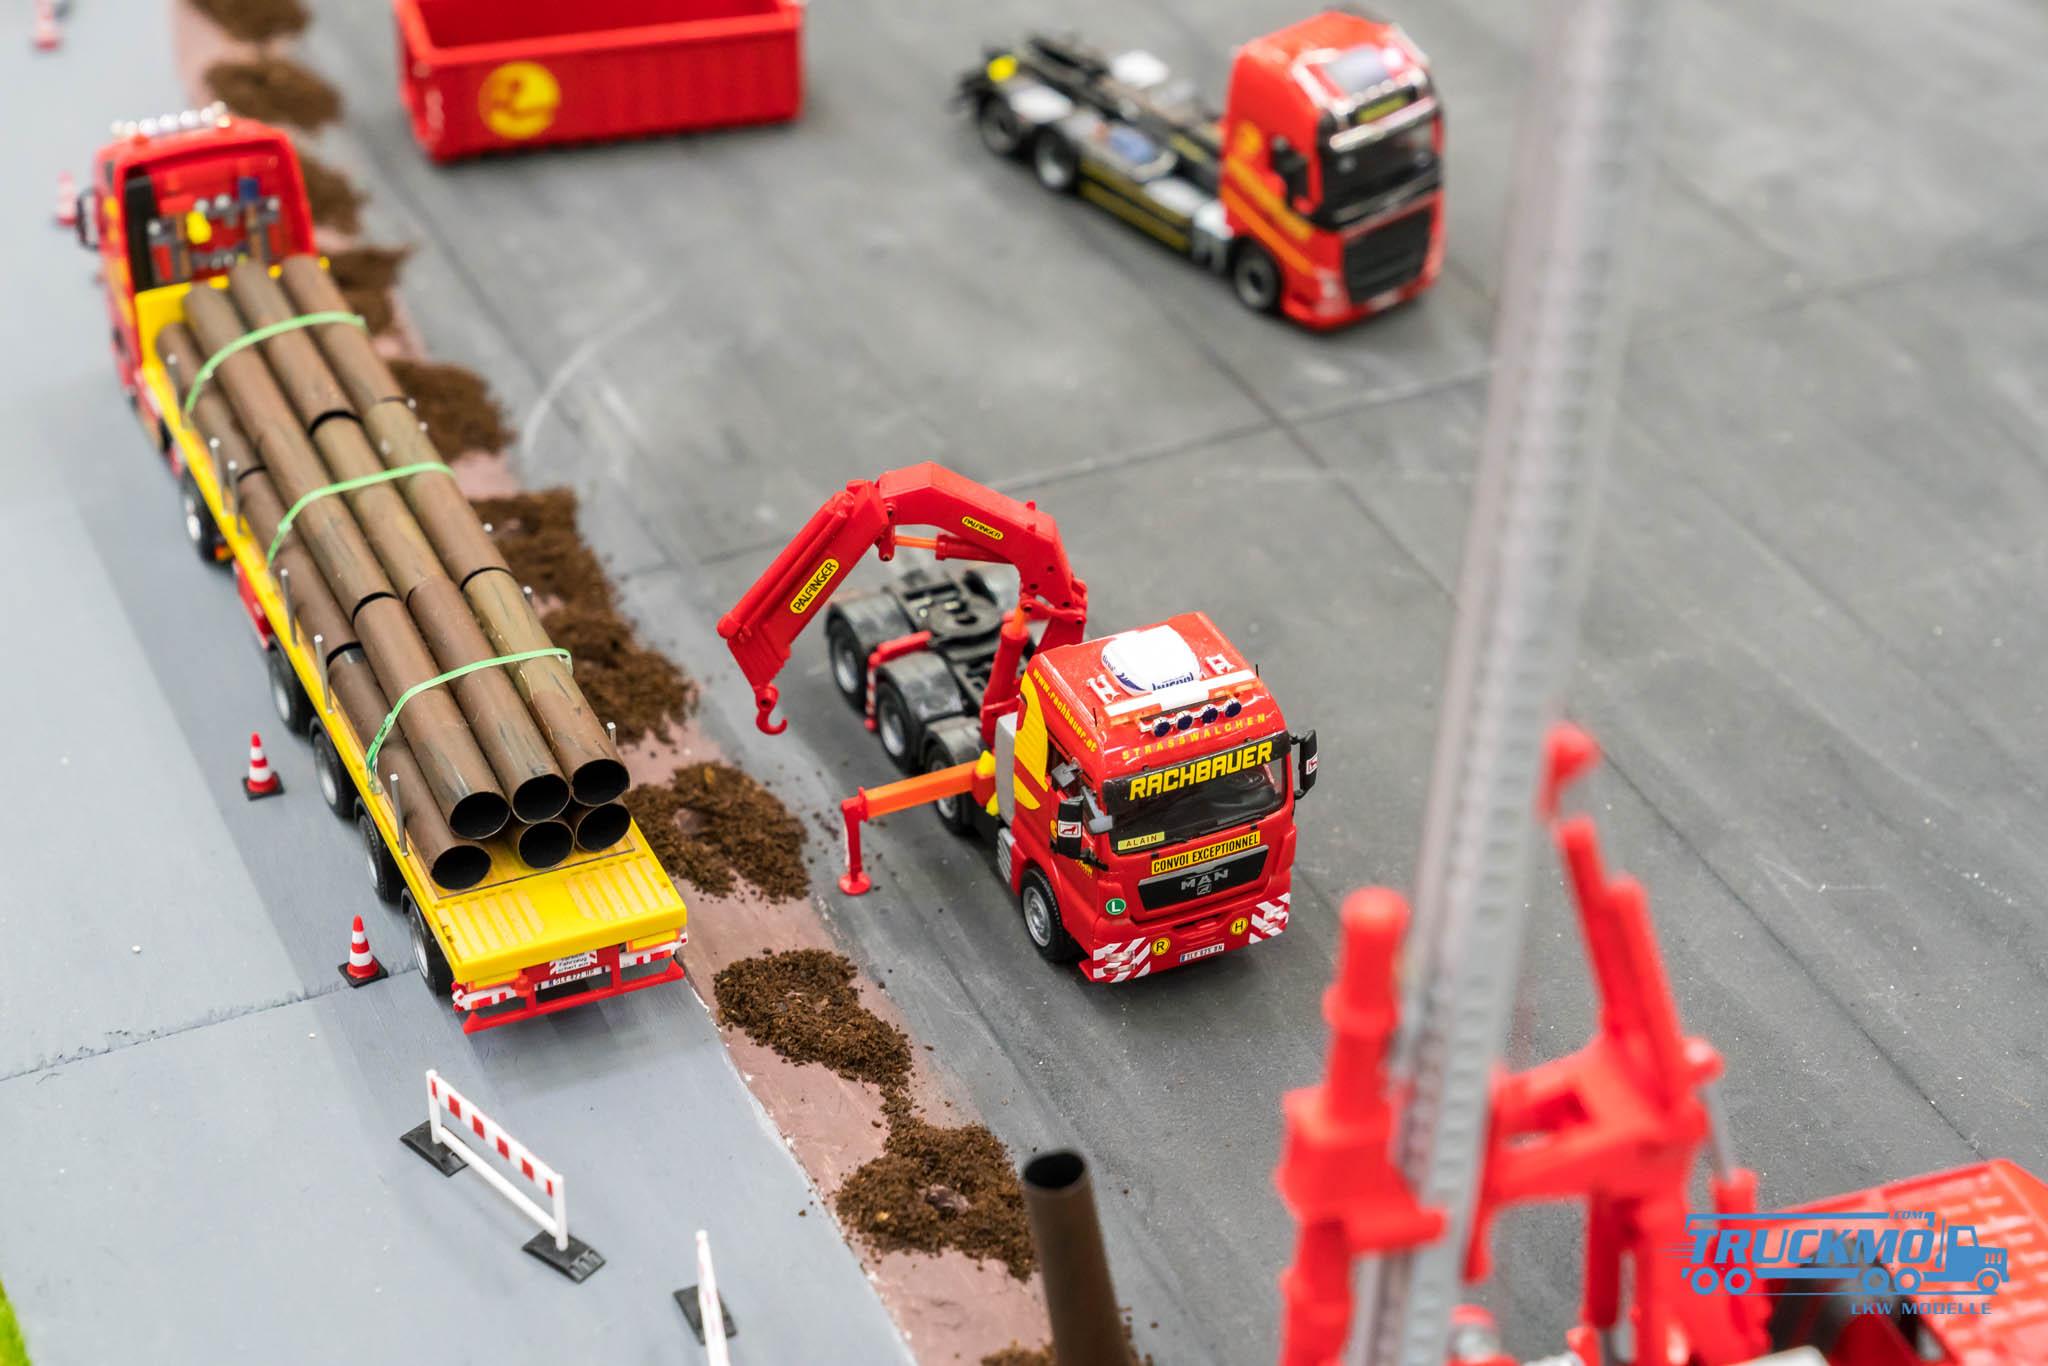 Truckmo_Modellbau_Ried_2017_Herpa_Messe_Modellbauausstellung (248 von 1177)